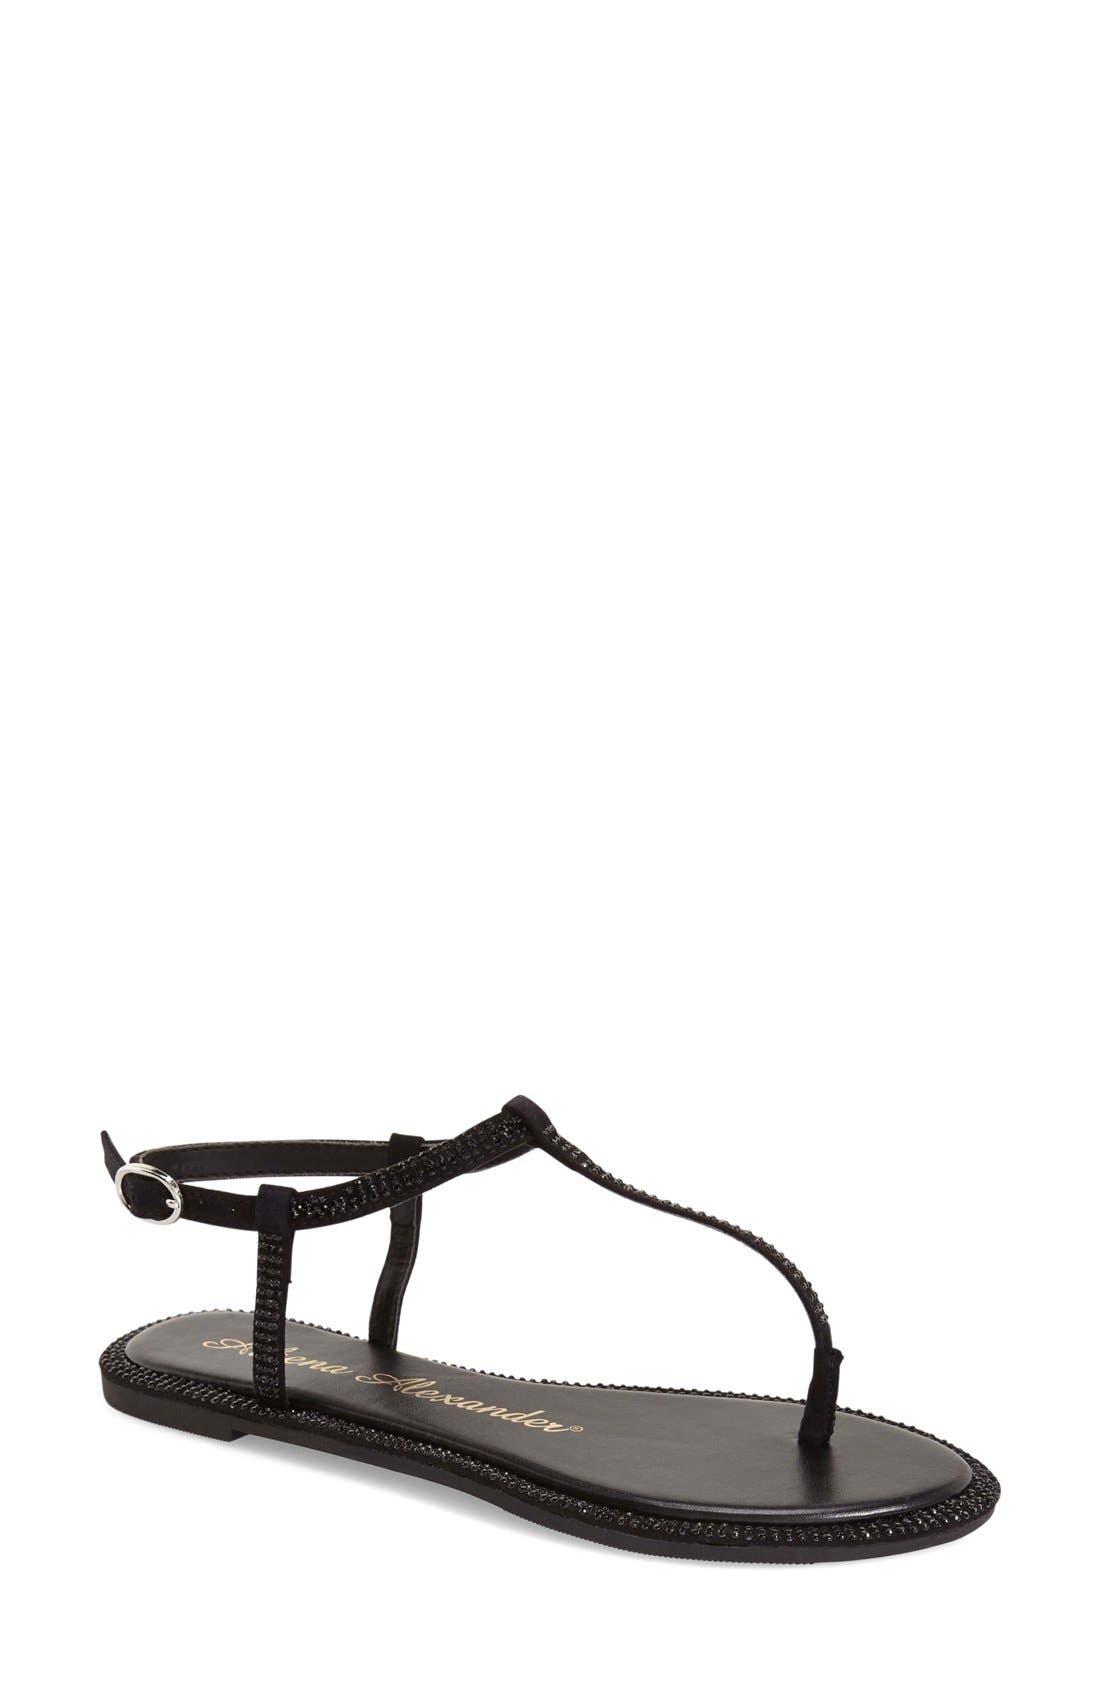 Main Image - Athena Alexander 'Chique' Crystal Embellished Flat Sandal (Women)